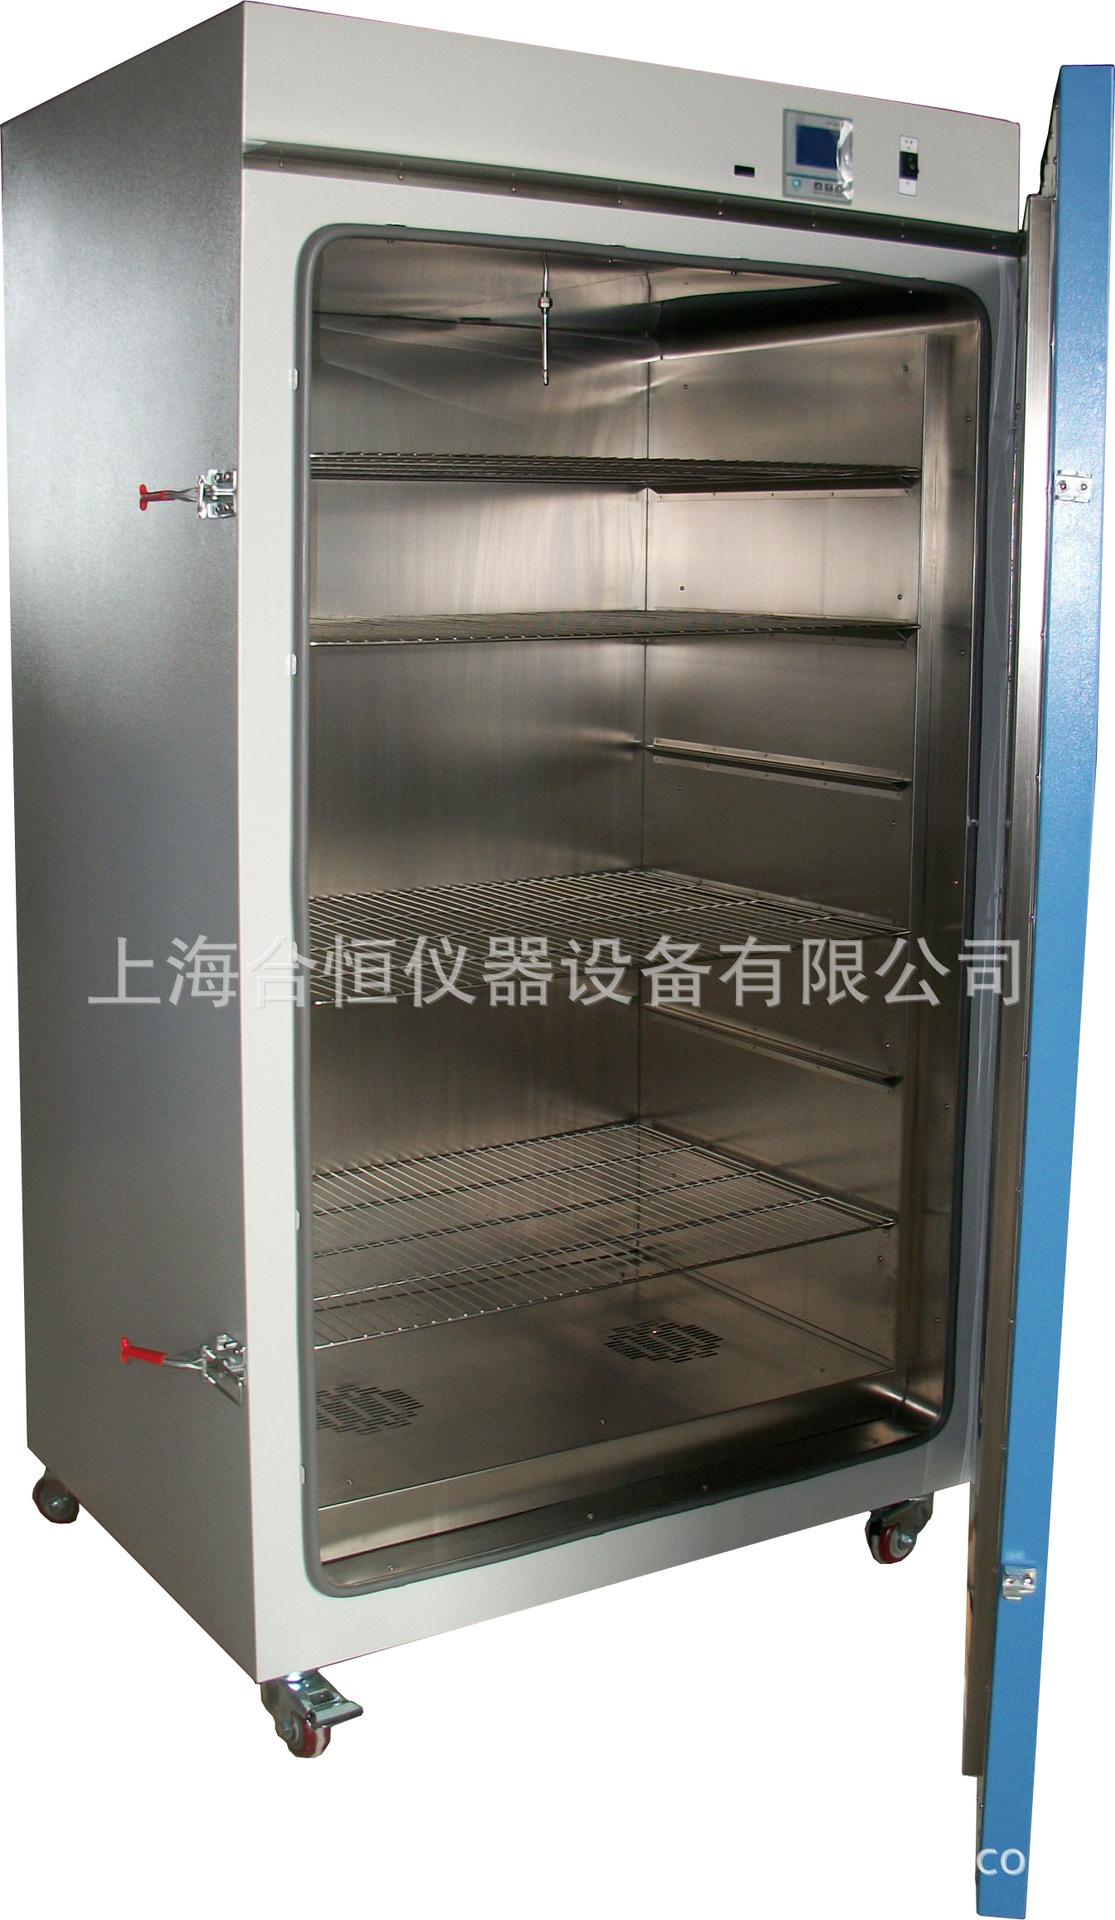 恒温干燥箱,电热烘箱 烘培箱,恒温老化试验箱 试验烤箱DHG-9620A